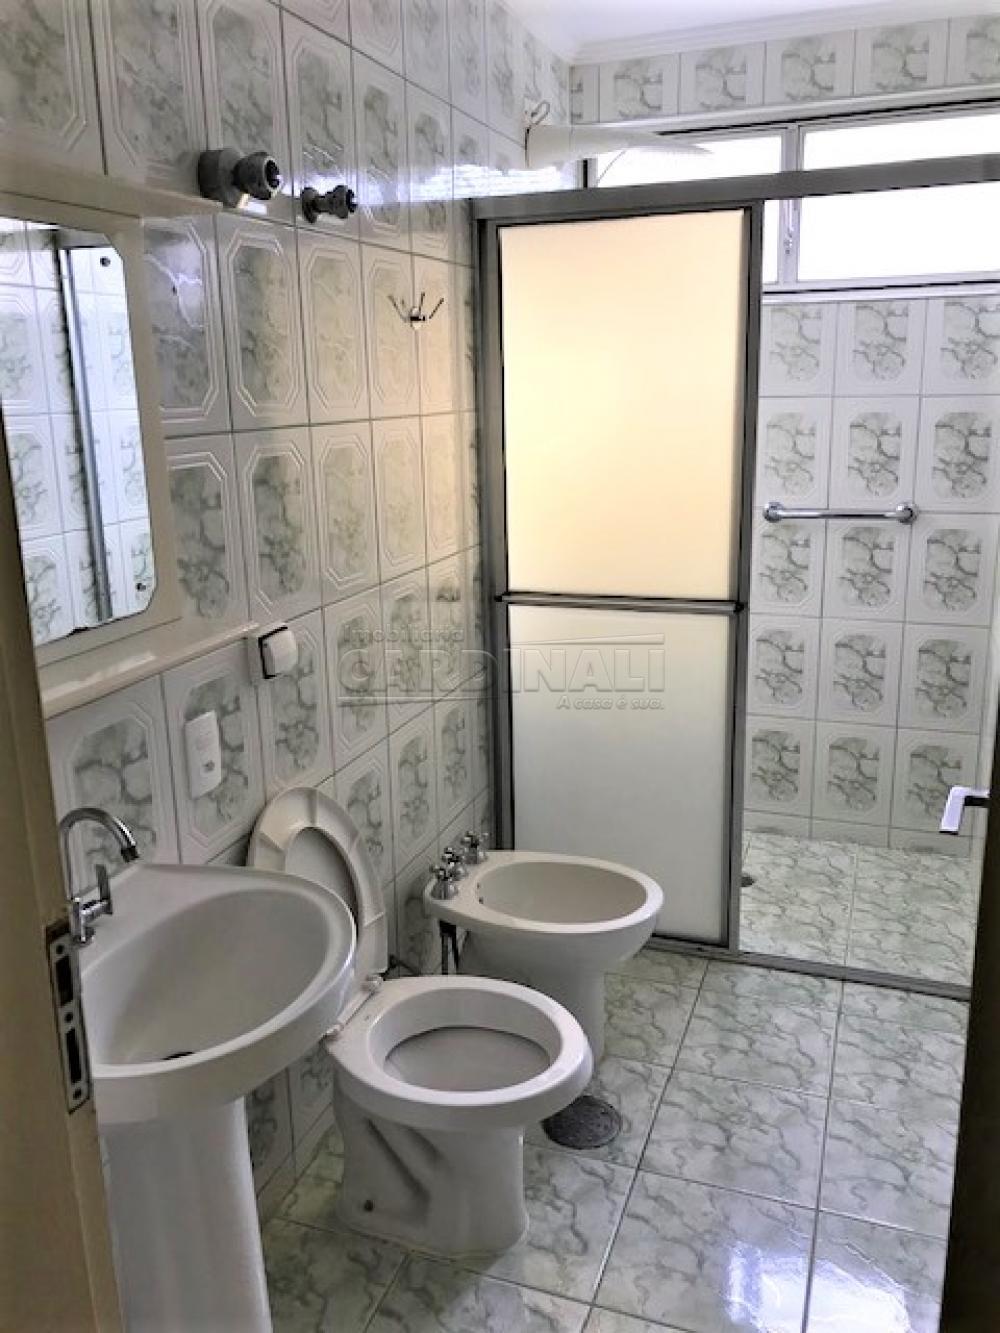 Comprar Apartamento / Padrão em São Carlos R$ 370.000,00 - Foto 33